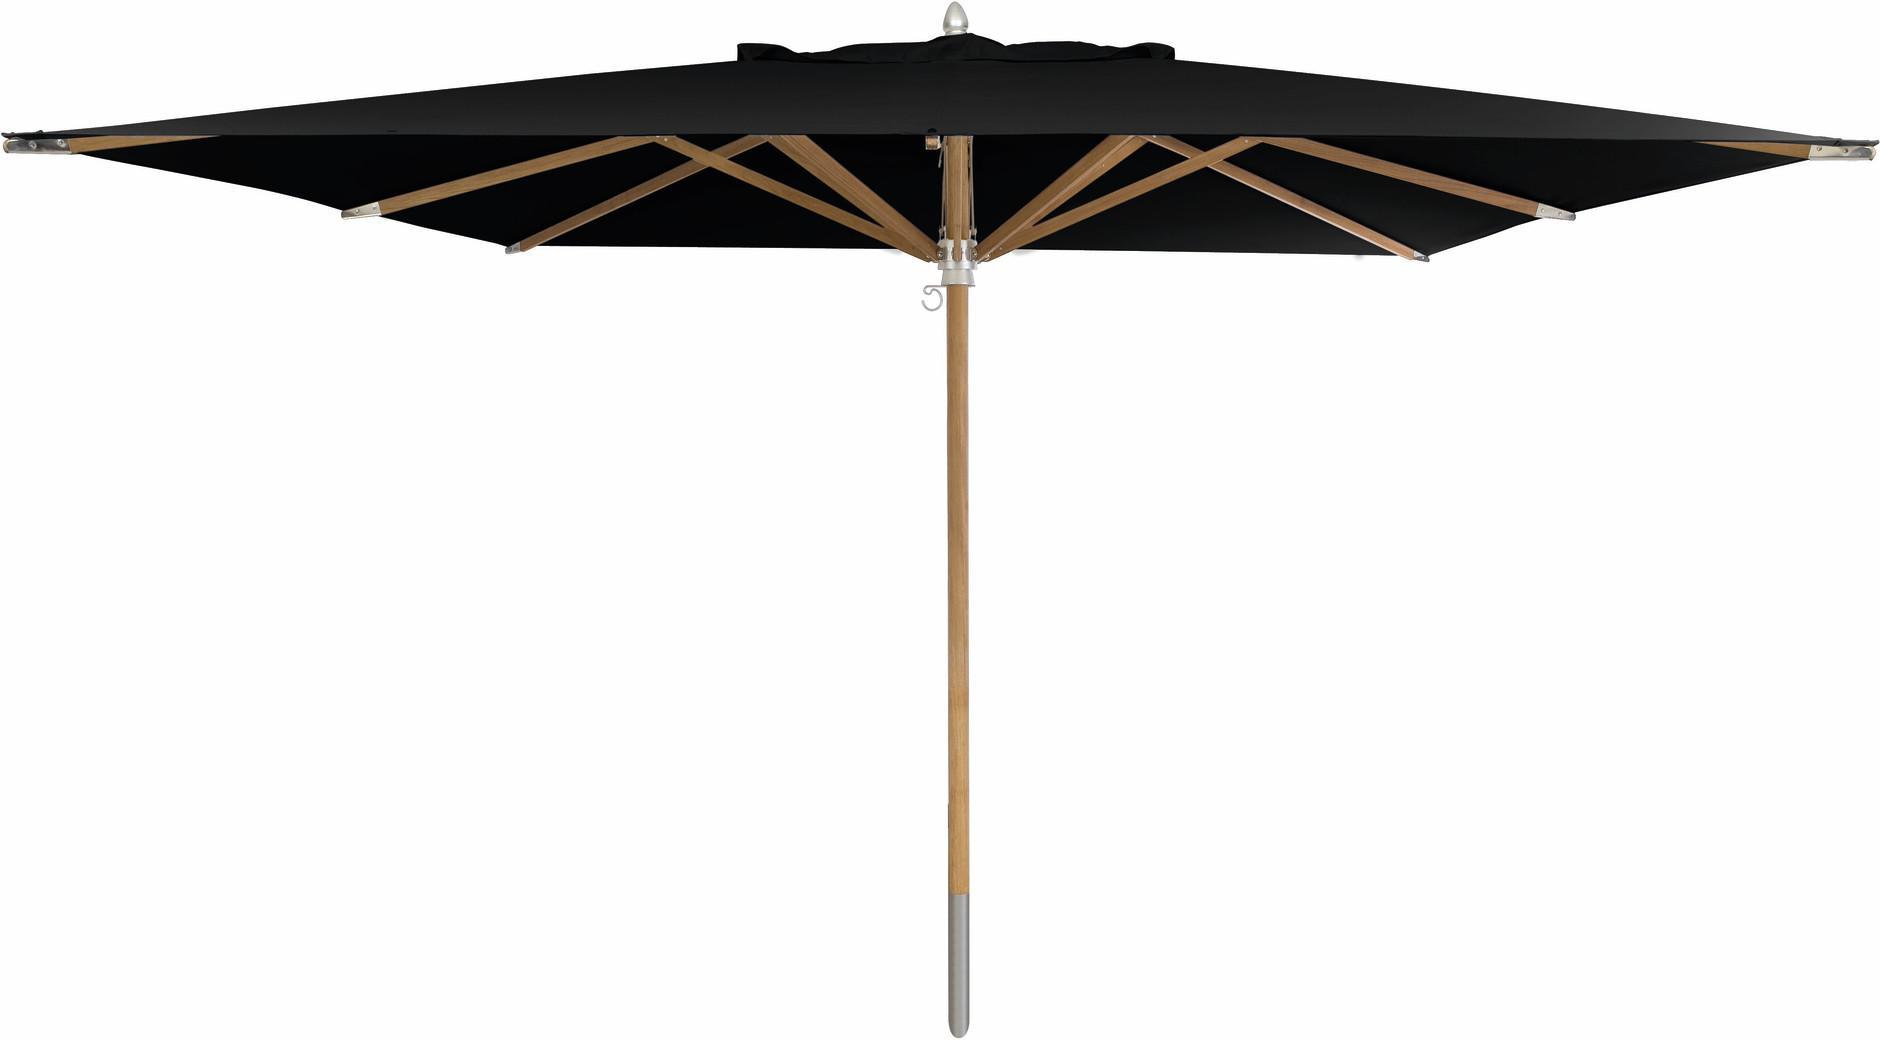 Sonnenschirm mit Mittelstock - Teak - 350 x 350 schwarz